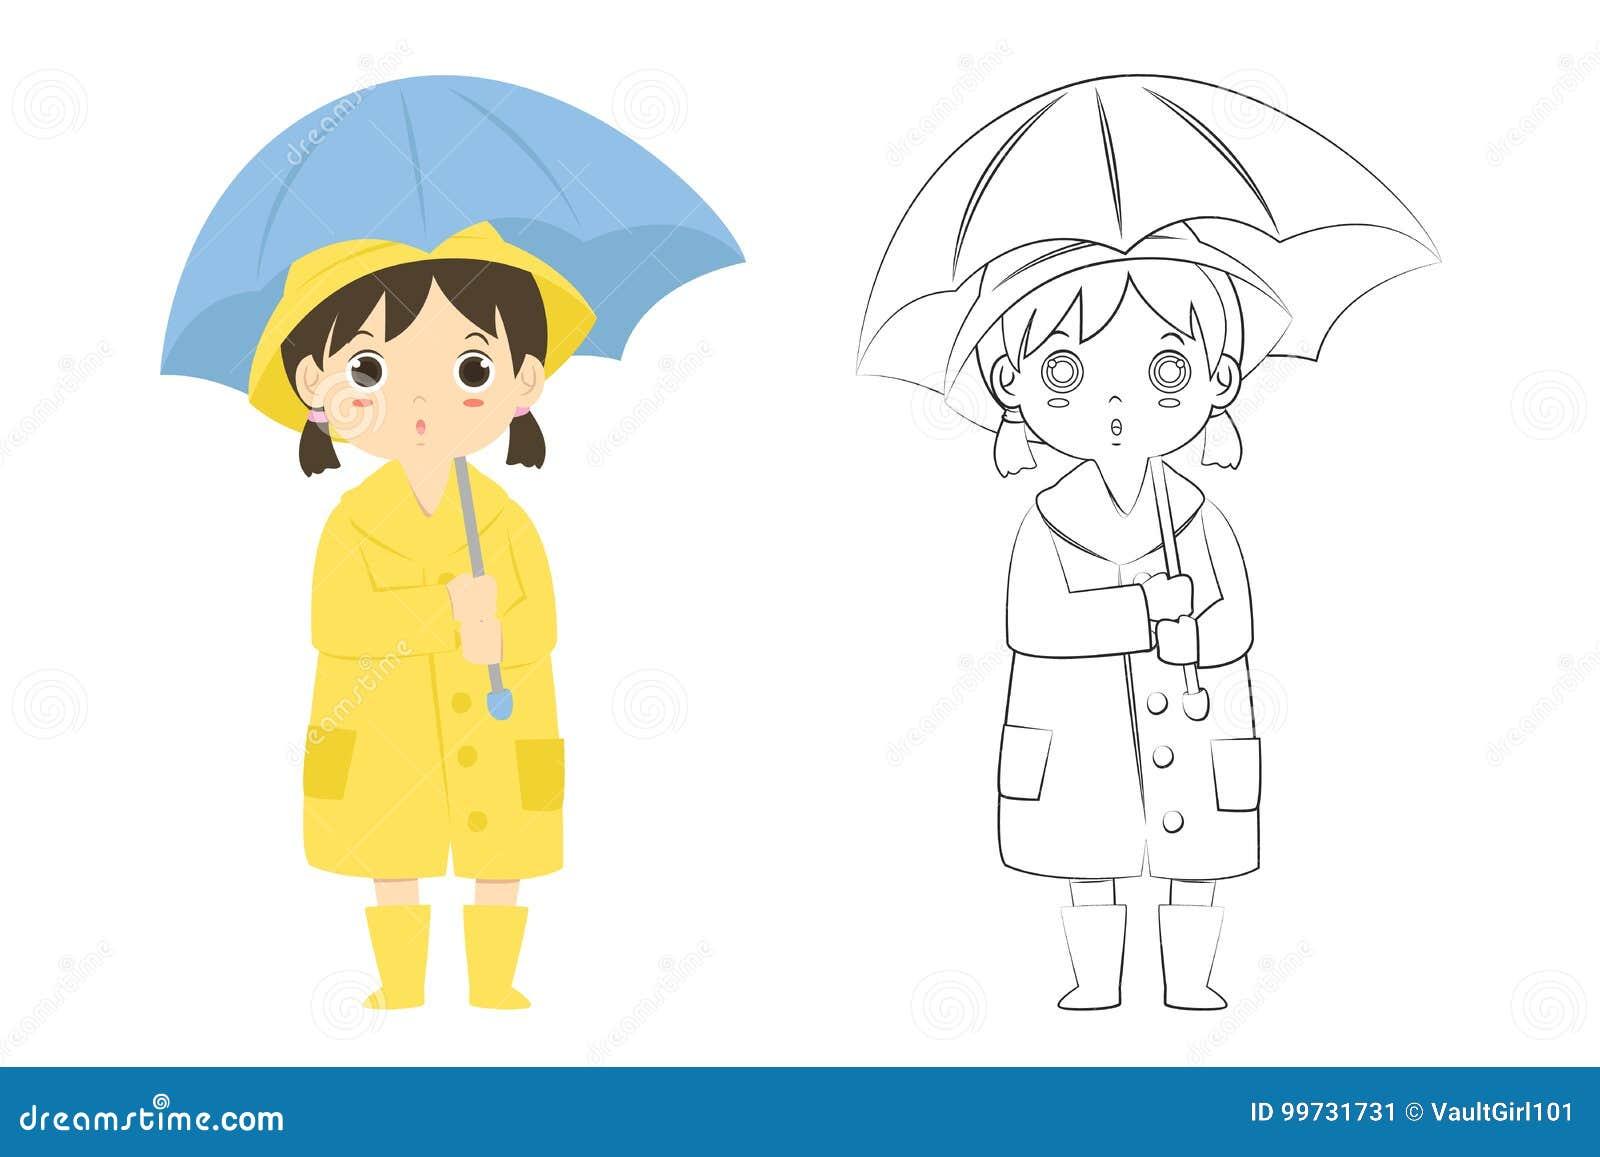 Download Girl In Raincoat Outline Cartoon Vector Stock